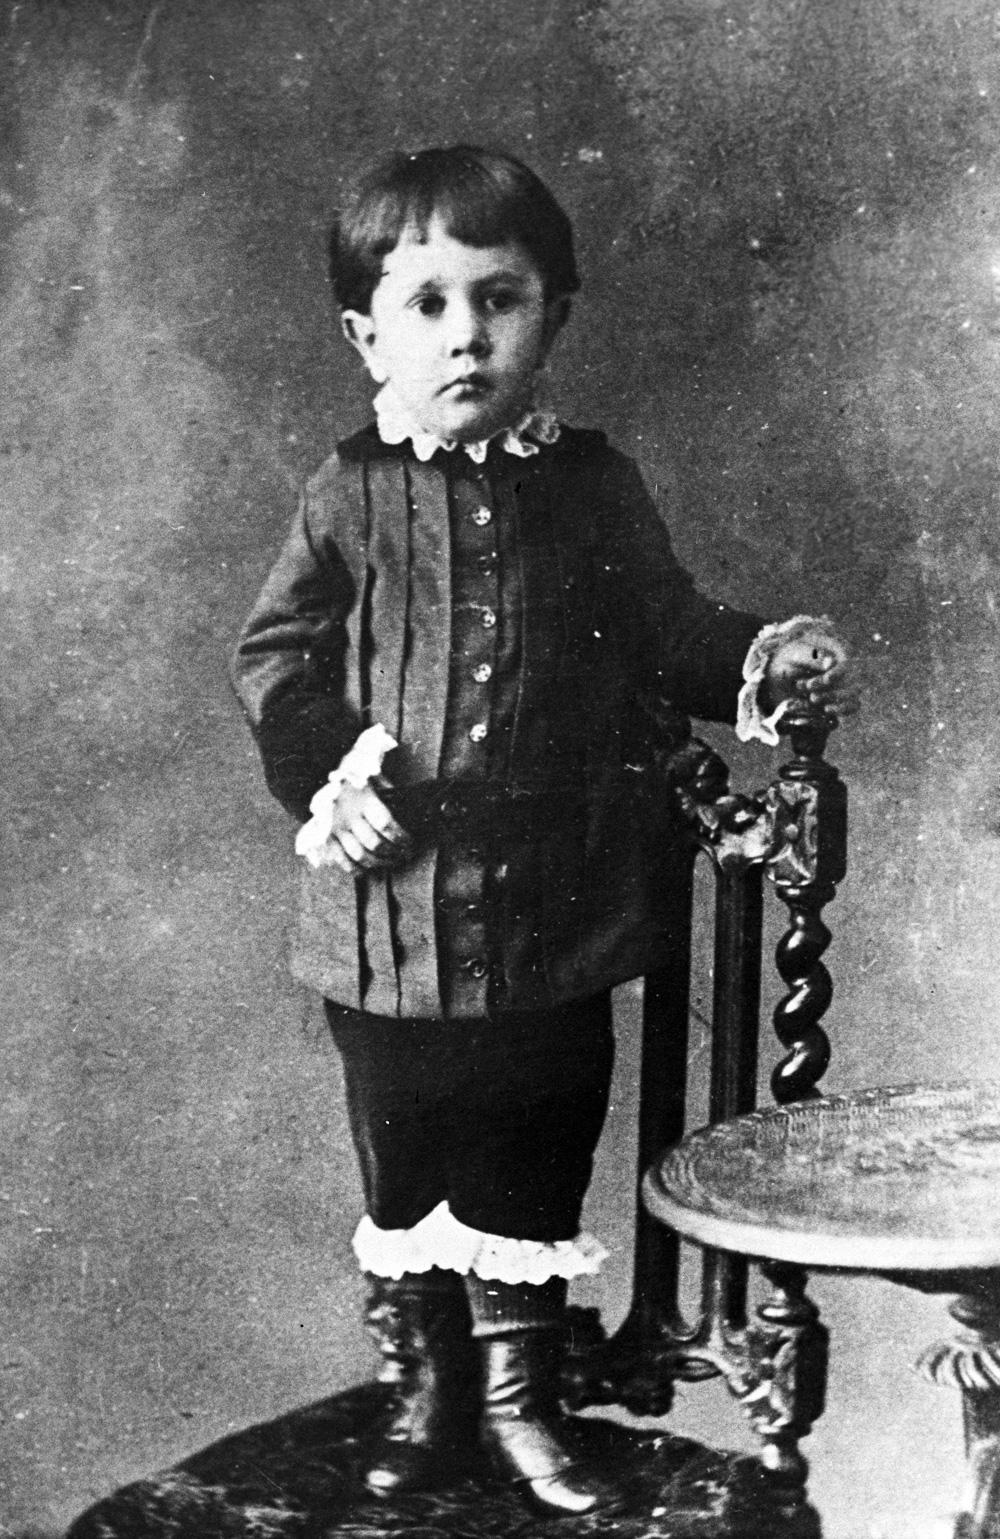 Репродукция фотографии писателя Алексея Николаевича Толстого в детском возрасте, 1880 год. Оригинал в Государственном Литературном музее.